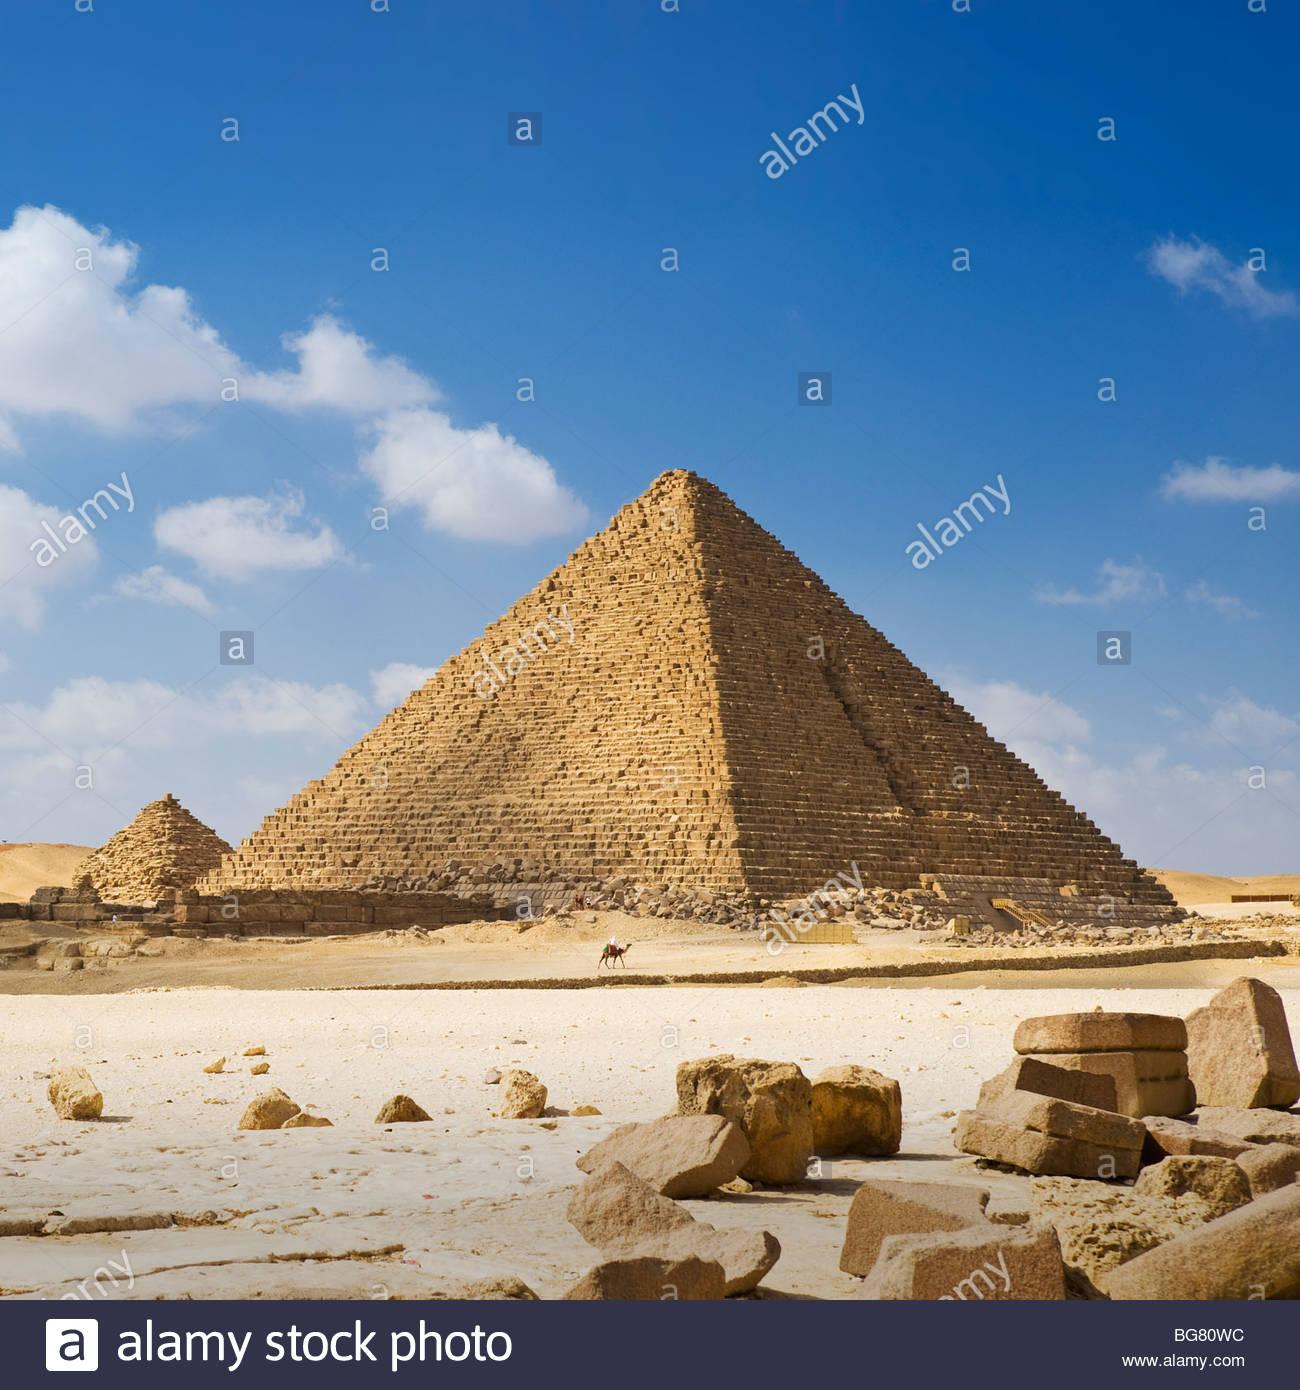 Un uomo su camelback è sopraffatte dalla Piramide di Menkaure, le Piramidi di Giza, Cairo, Egitto. Immagini Stock